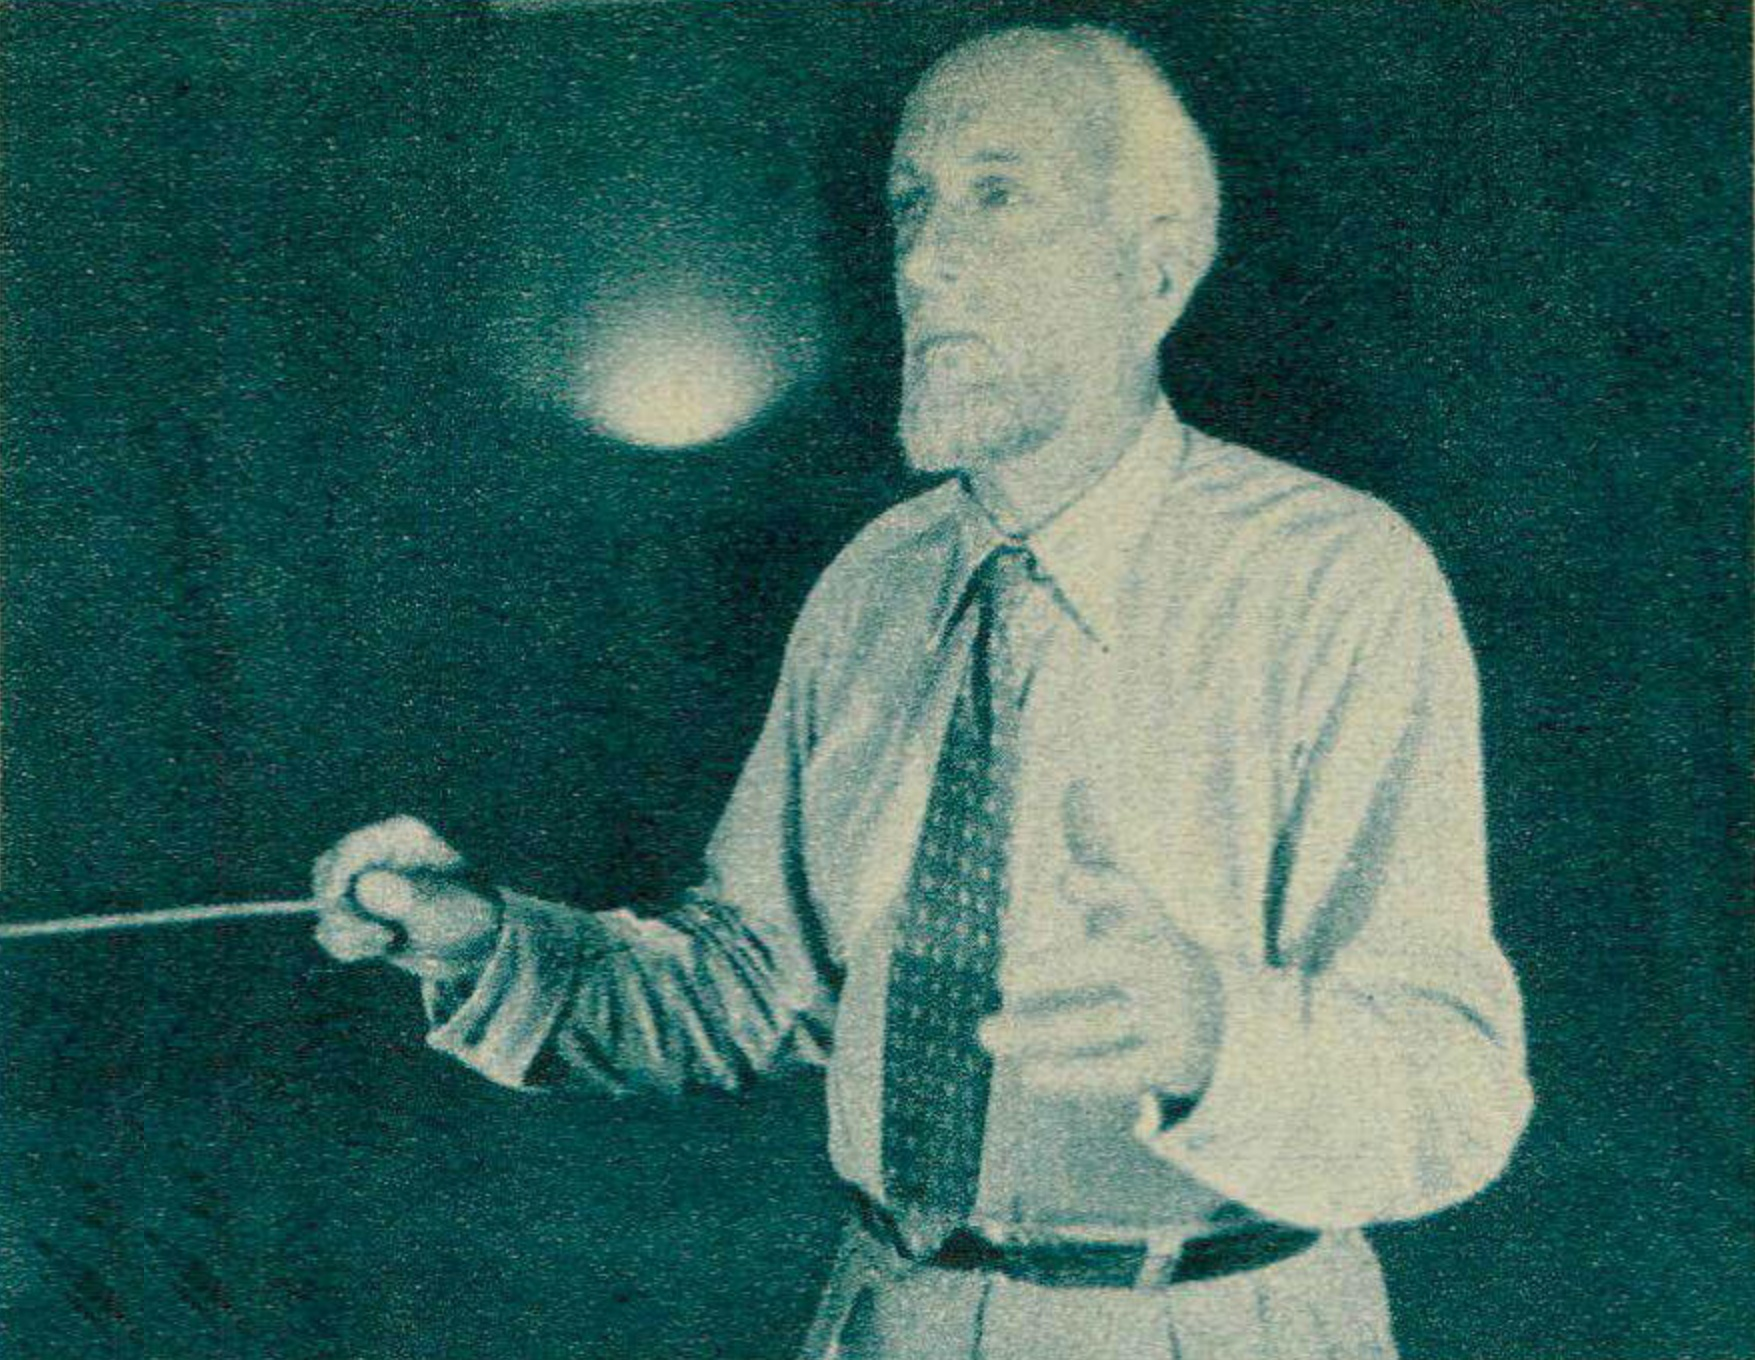 Ernest ANSERMET vers 1945, photo publiée entre autres dans la revue Radio Actualités du 6 avril 1945, No 14, page 424, Cliquer sur la photo pour une vue agrandie et quelques infos